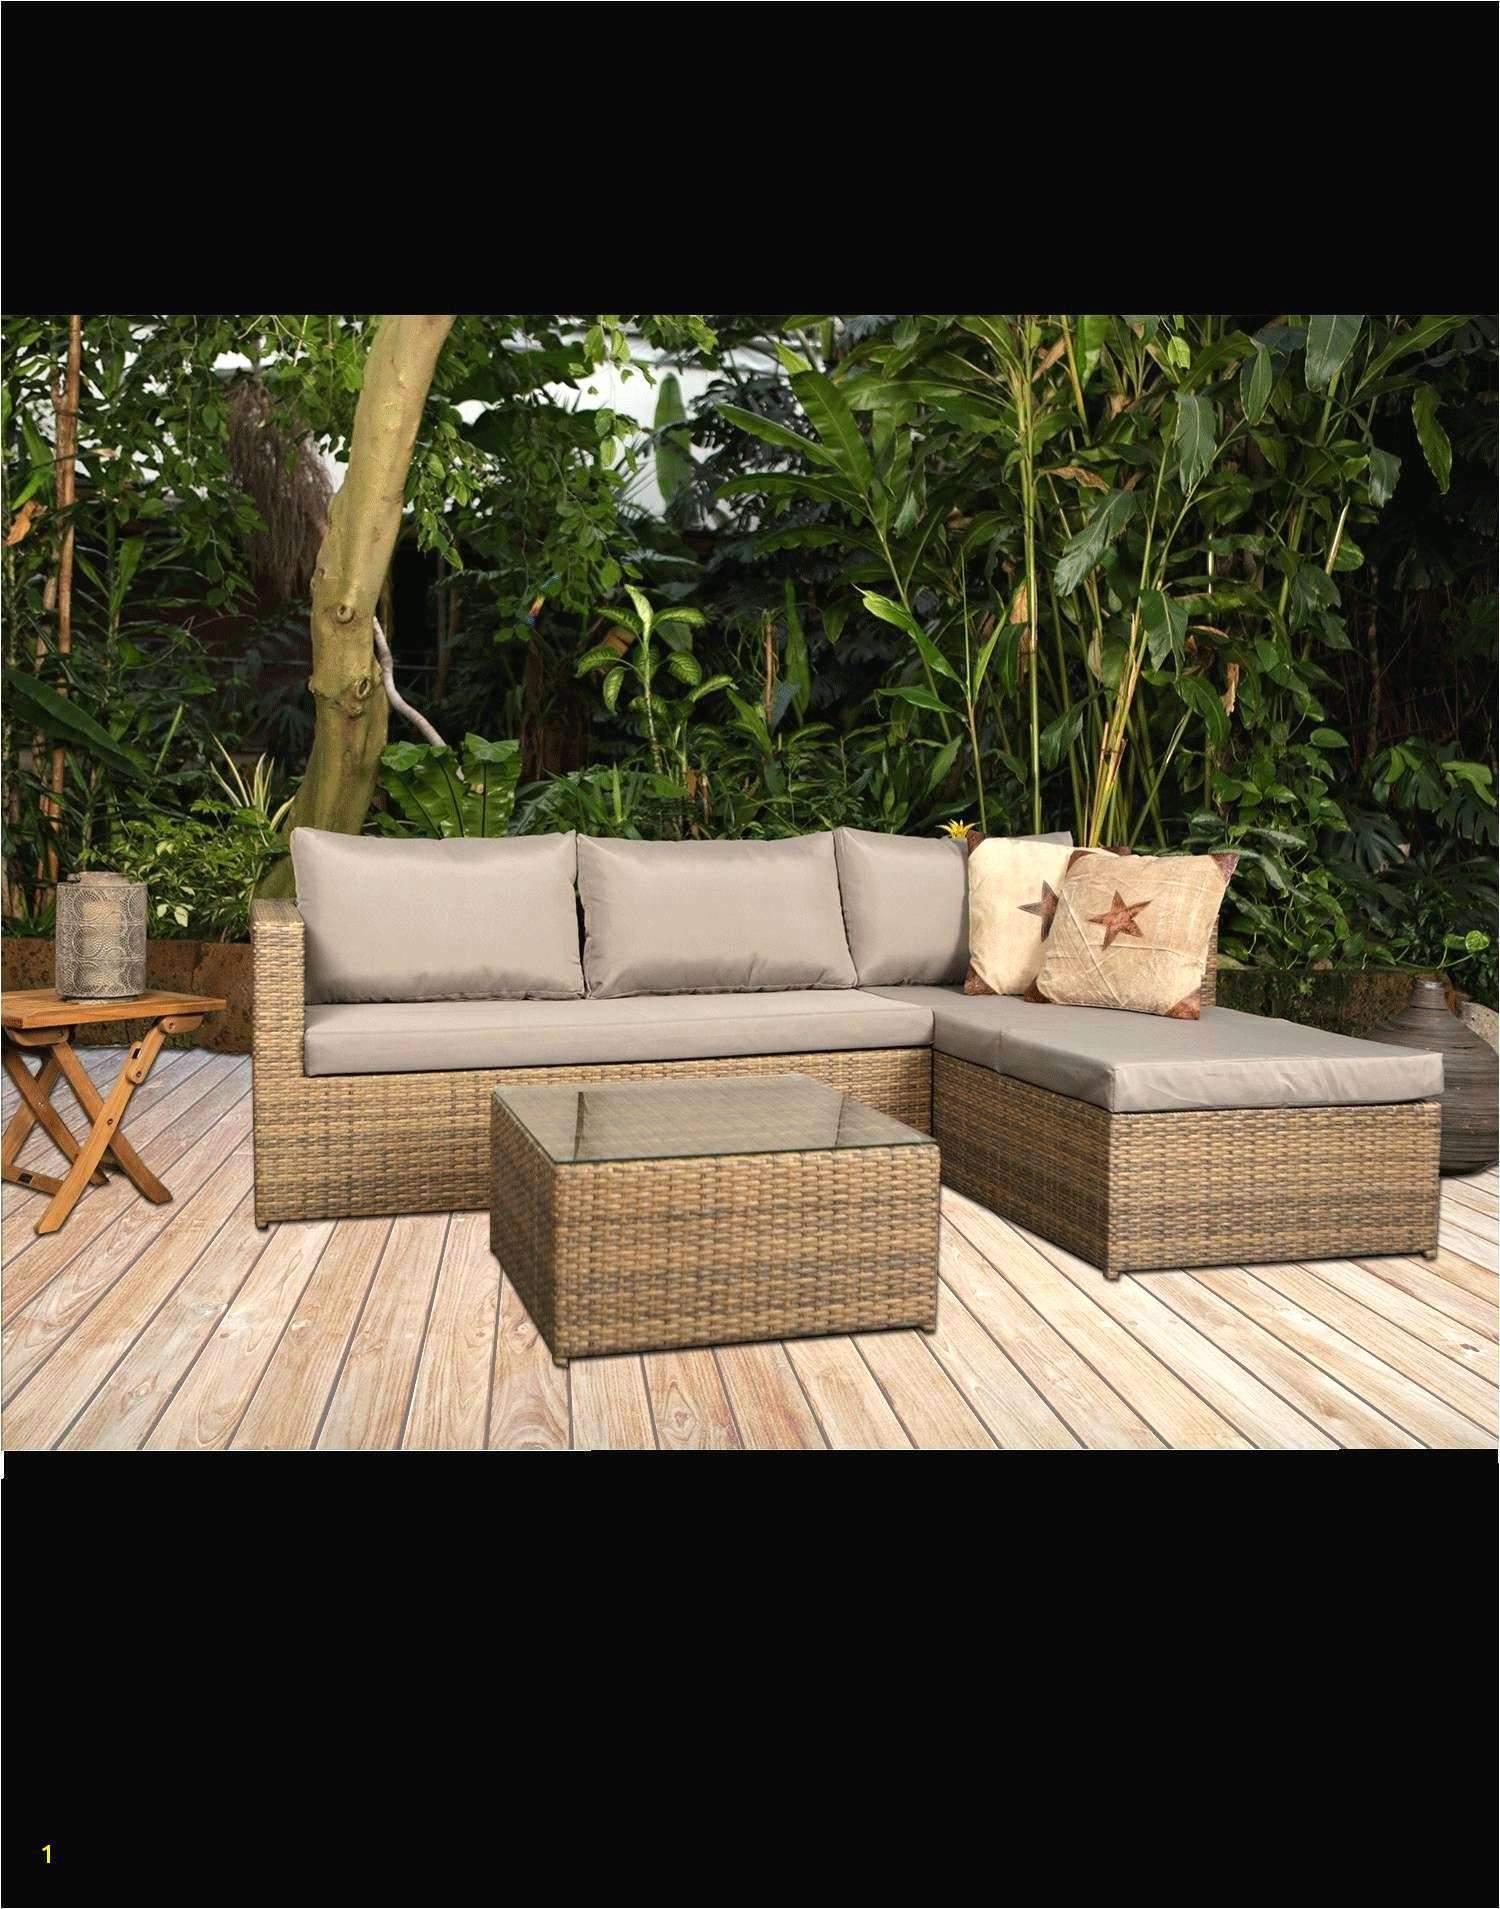 Gartengestaltung Günstig Best Of 39 Elegant Garten Lounge Set Günstig Einzigartig